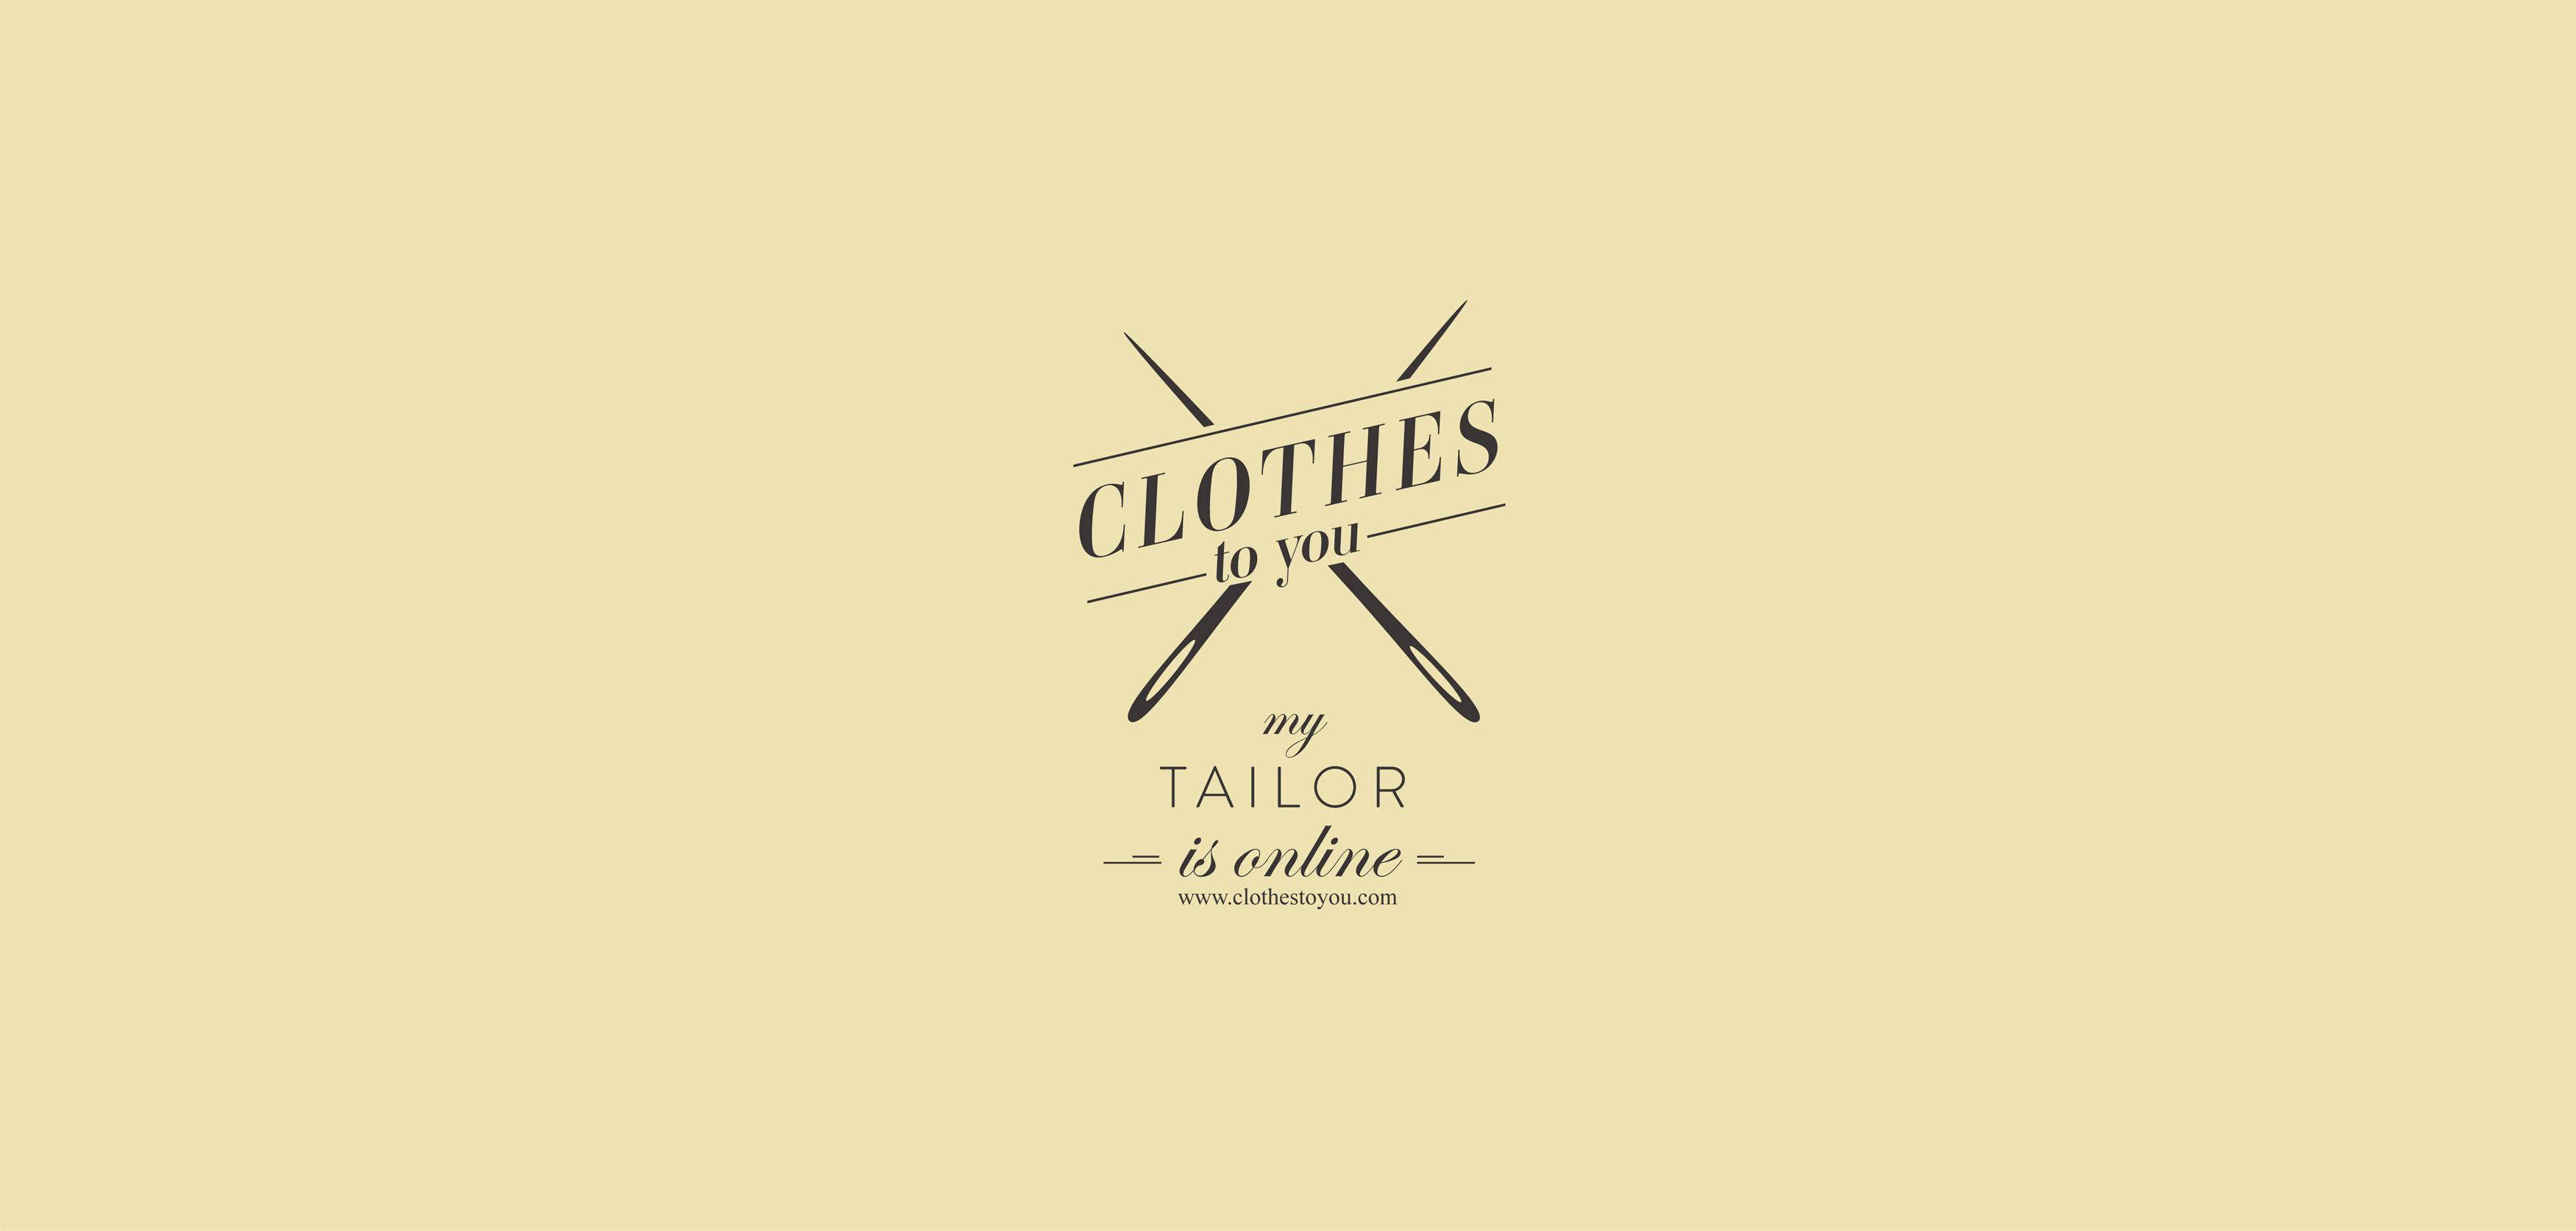 clothes-to-you-logo-0